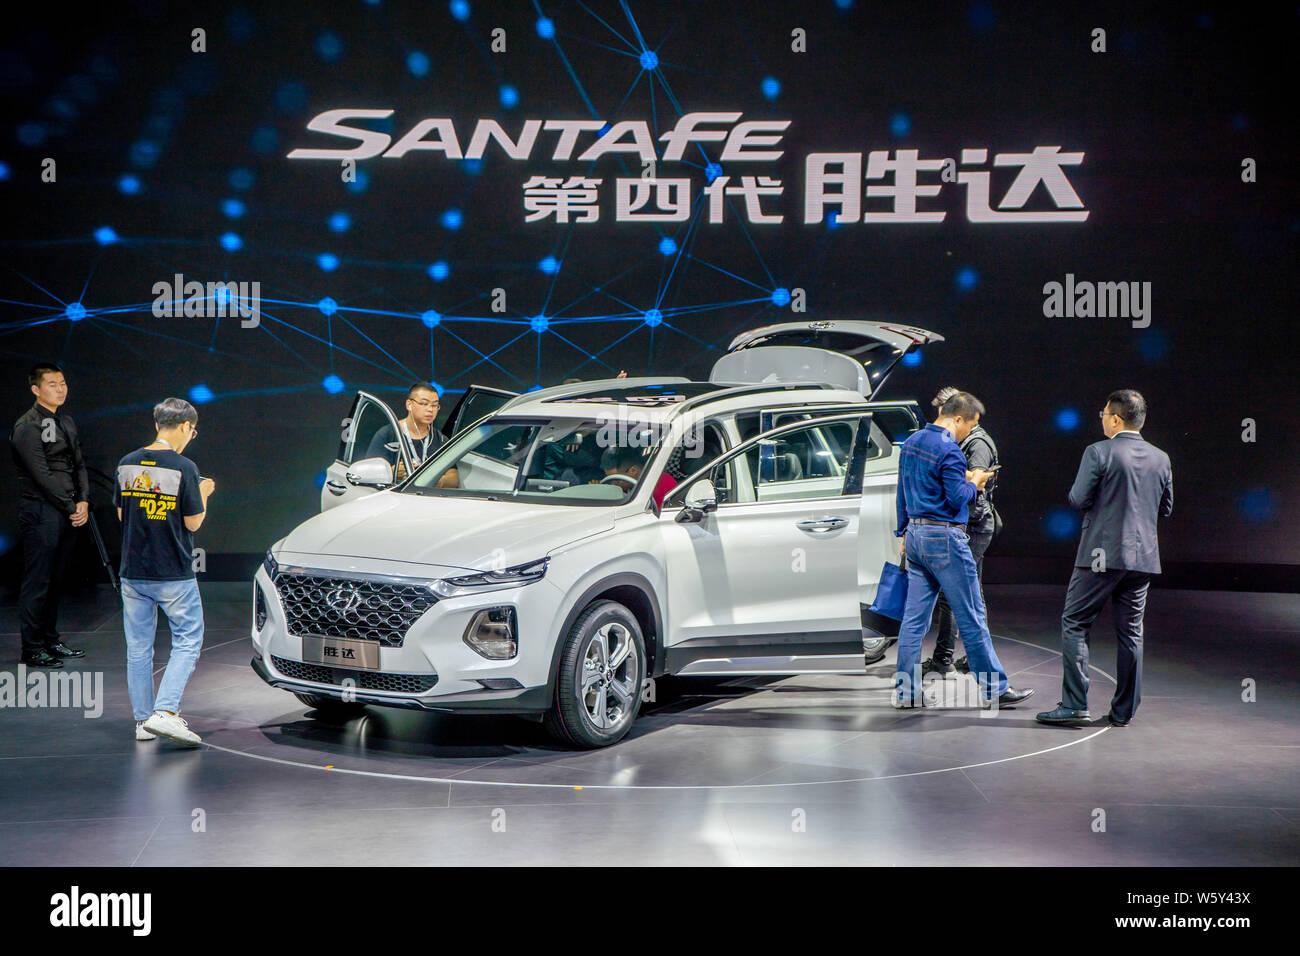 Hyundai Motor Group >> A Fourth Generation Santa Fe Suv Of Hyundai Motor Group Is